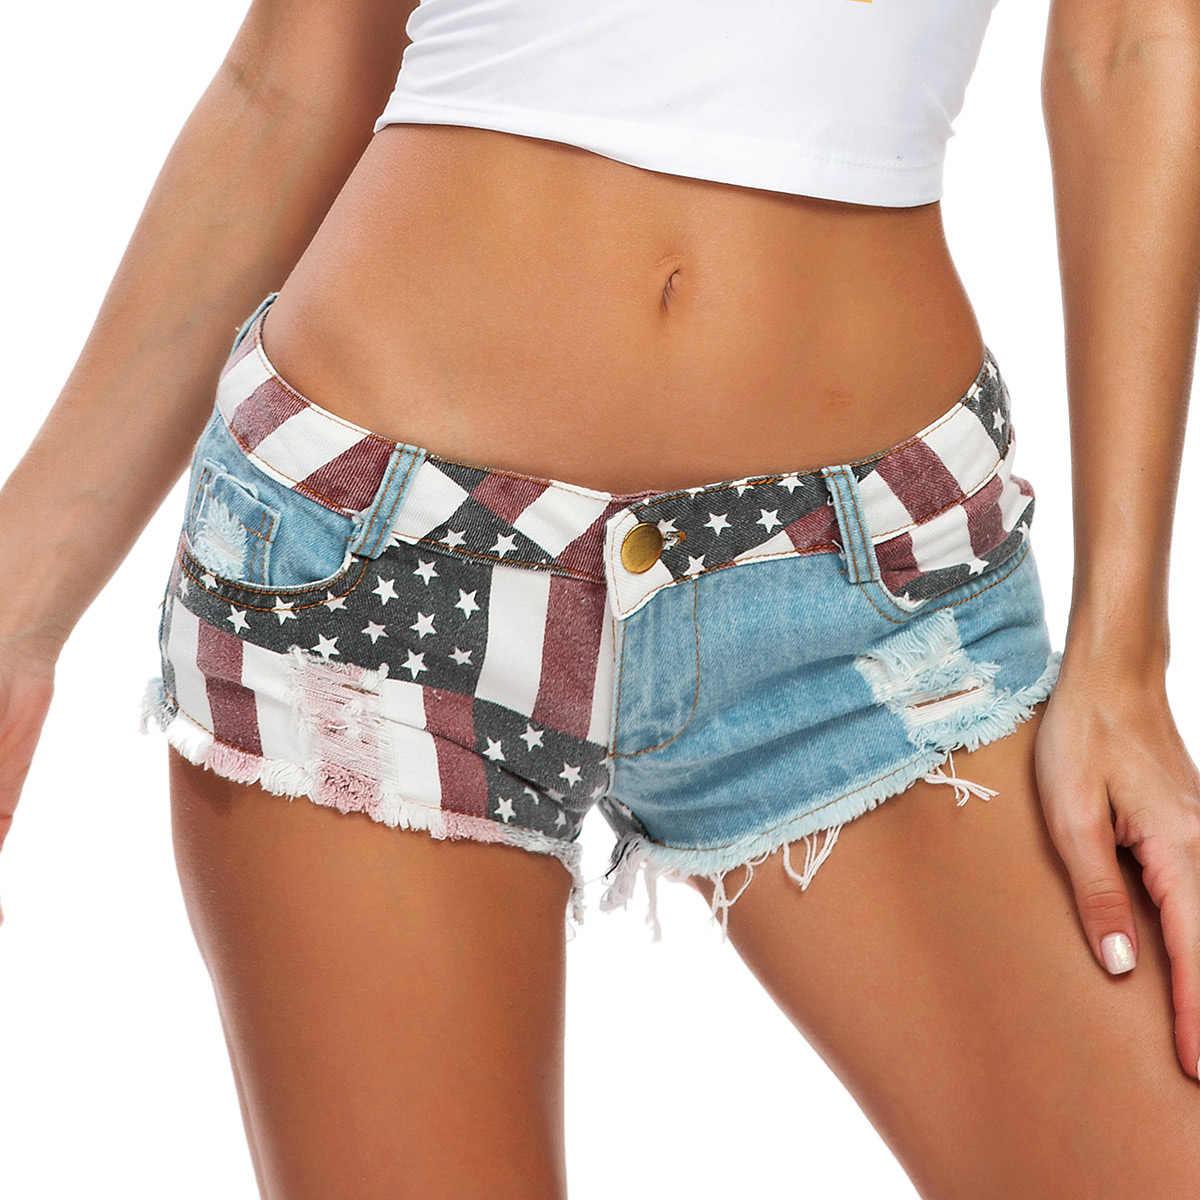 """רחוב ללבוש חם מכנסיים סקסי עלייה נמוכה ג 'ינס מכנסיים קצרים נשים ארה""""ב דגל מודפס ג' ינס מכנסיים סקיני חור חוף מיני גדילים מכנסי מסיבה"""